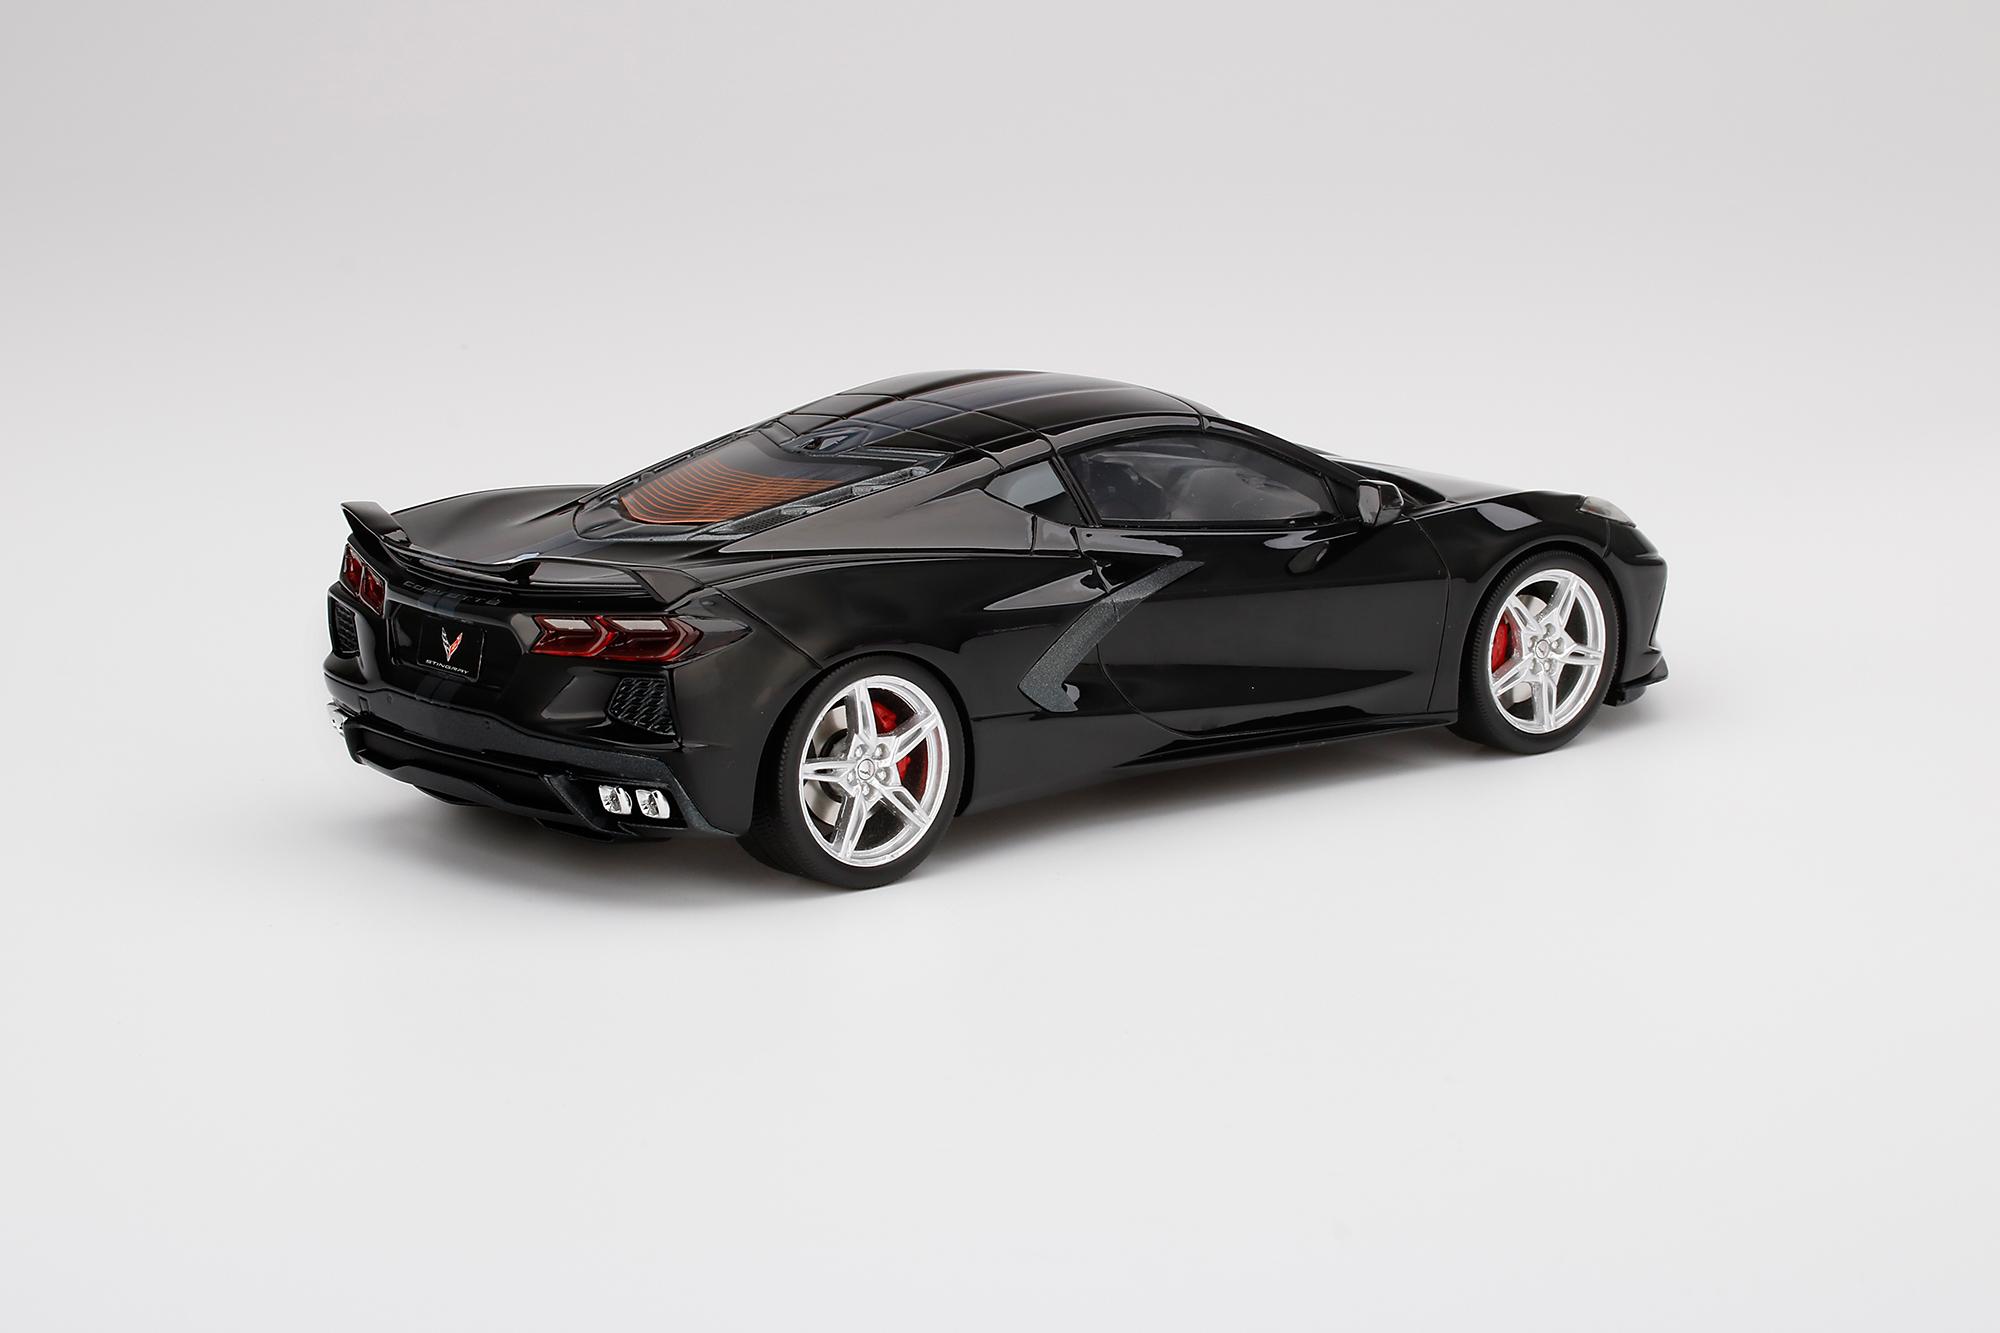 chevrolet-corvette-c8-stingray-topspeed-models-ts0283